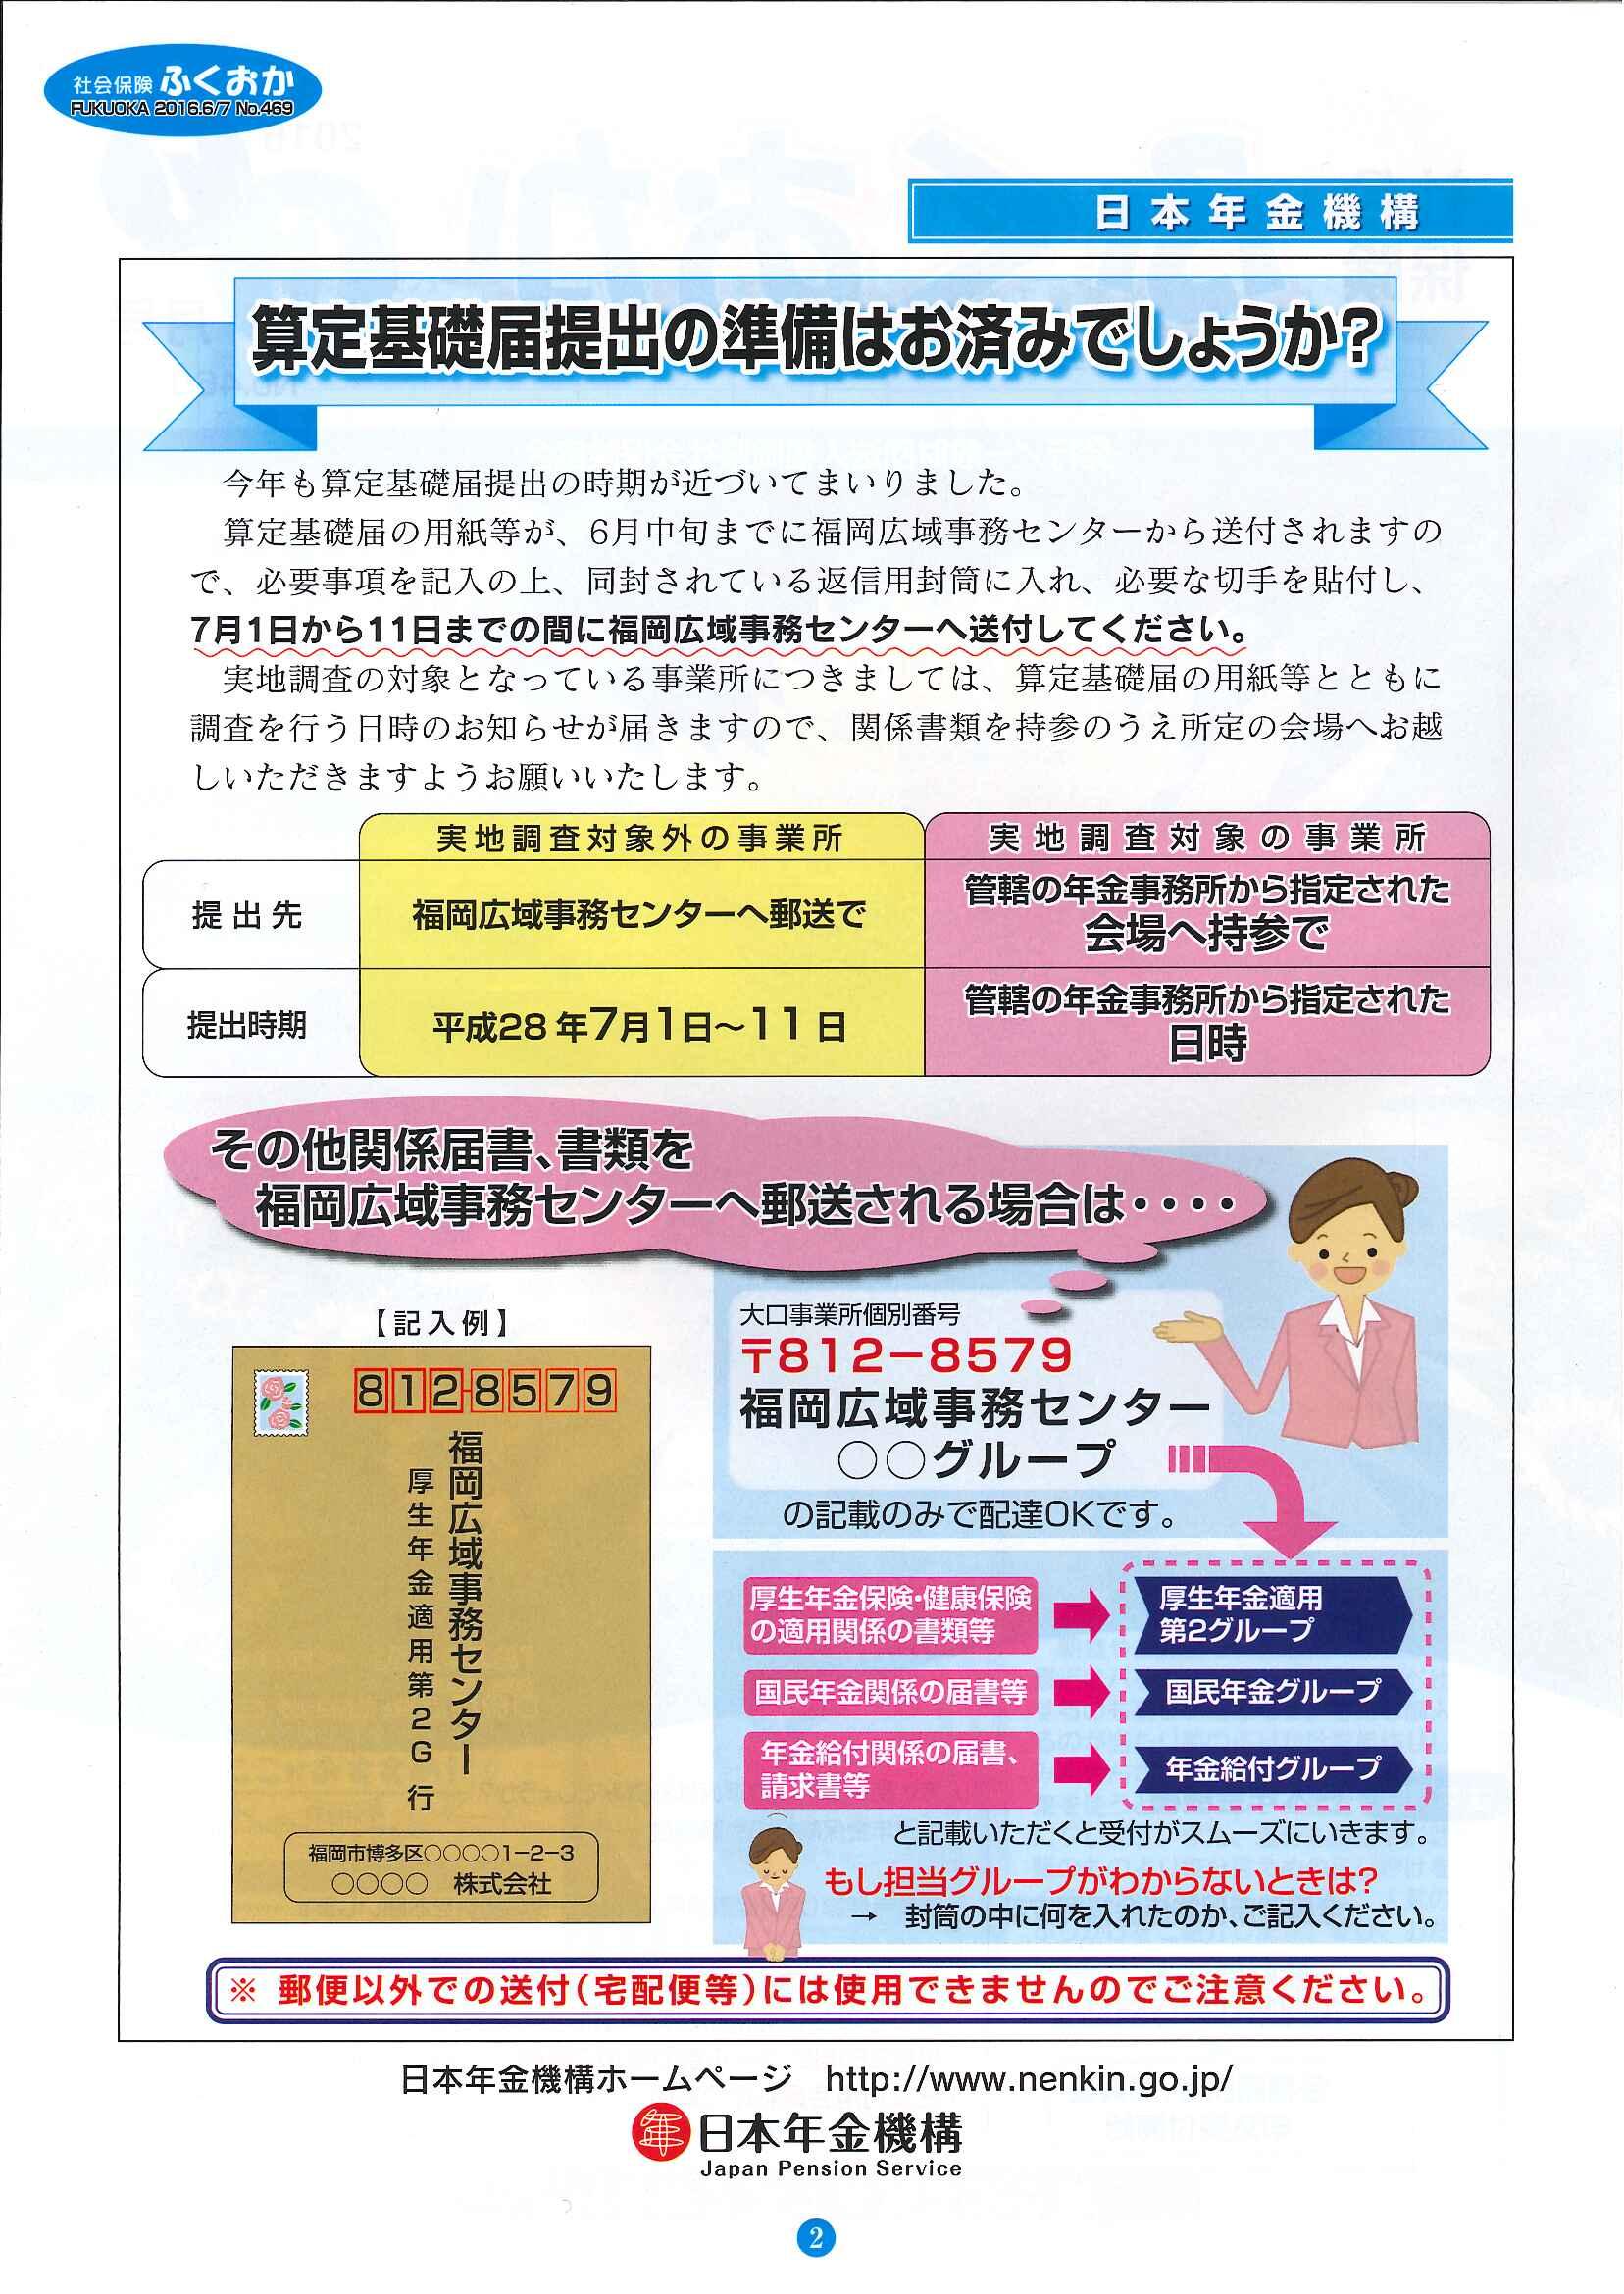 社会保険 ふくおか 2016年6・7月号_f0120774_1537523.jpg